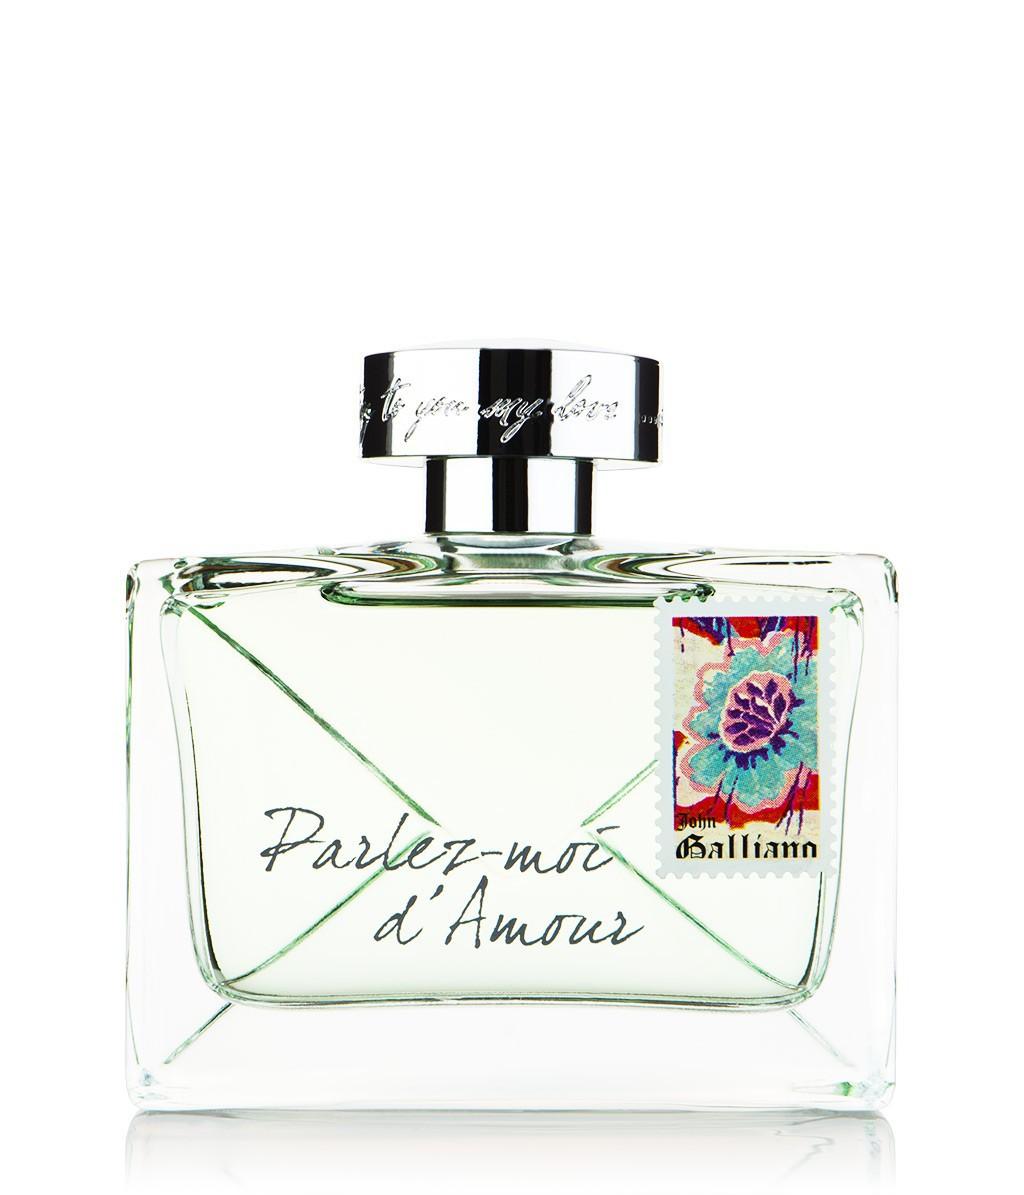 John Galliano Parlez-Moi d'Amour Eau Fraîche аромат для женщин